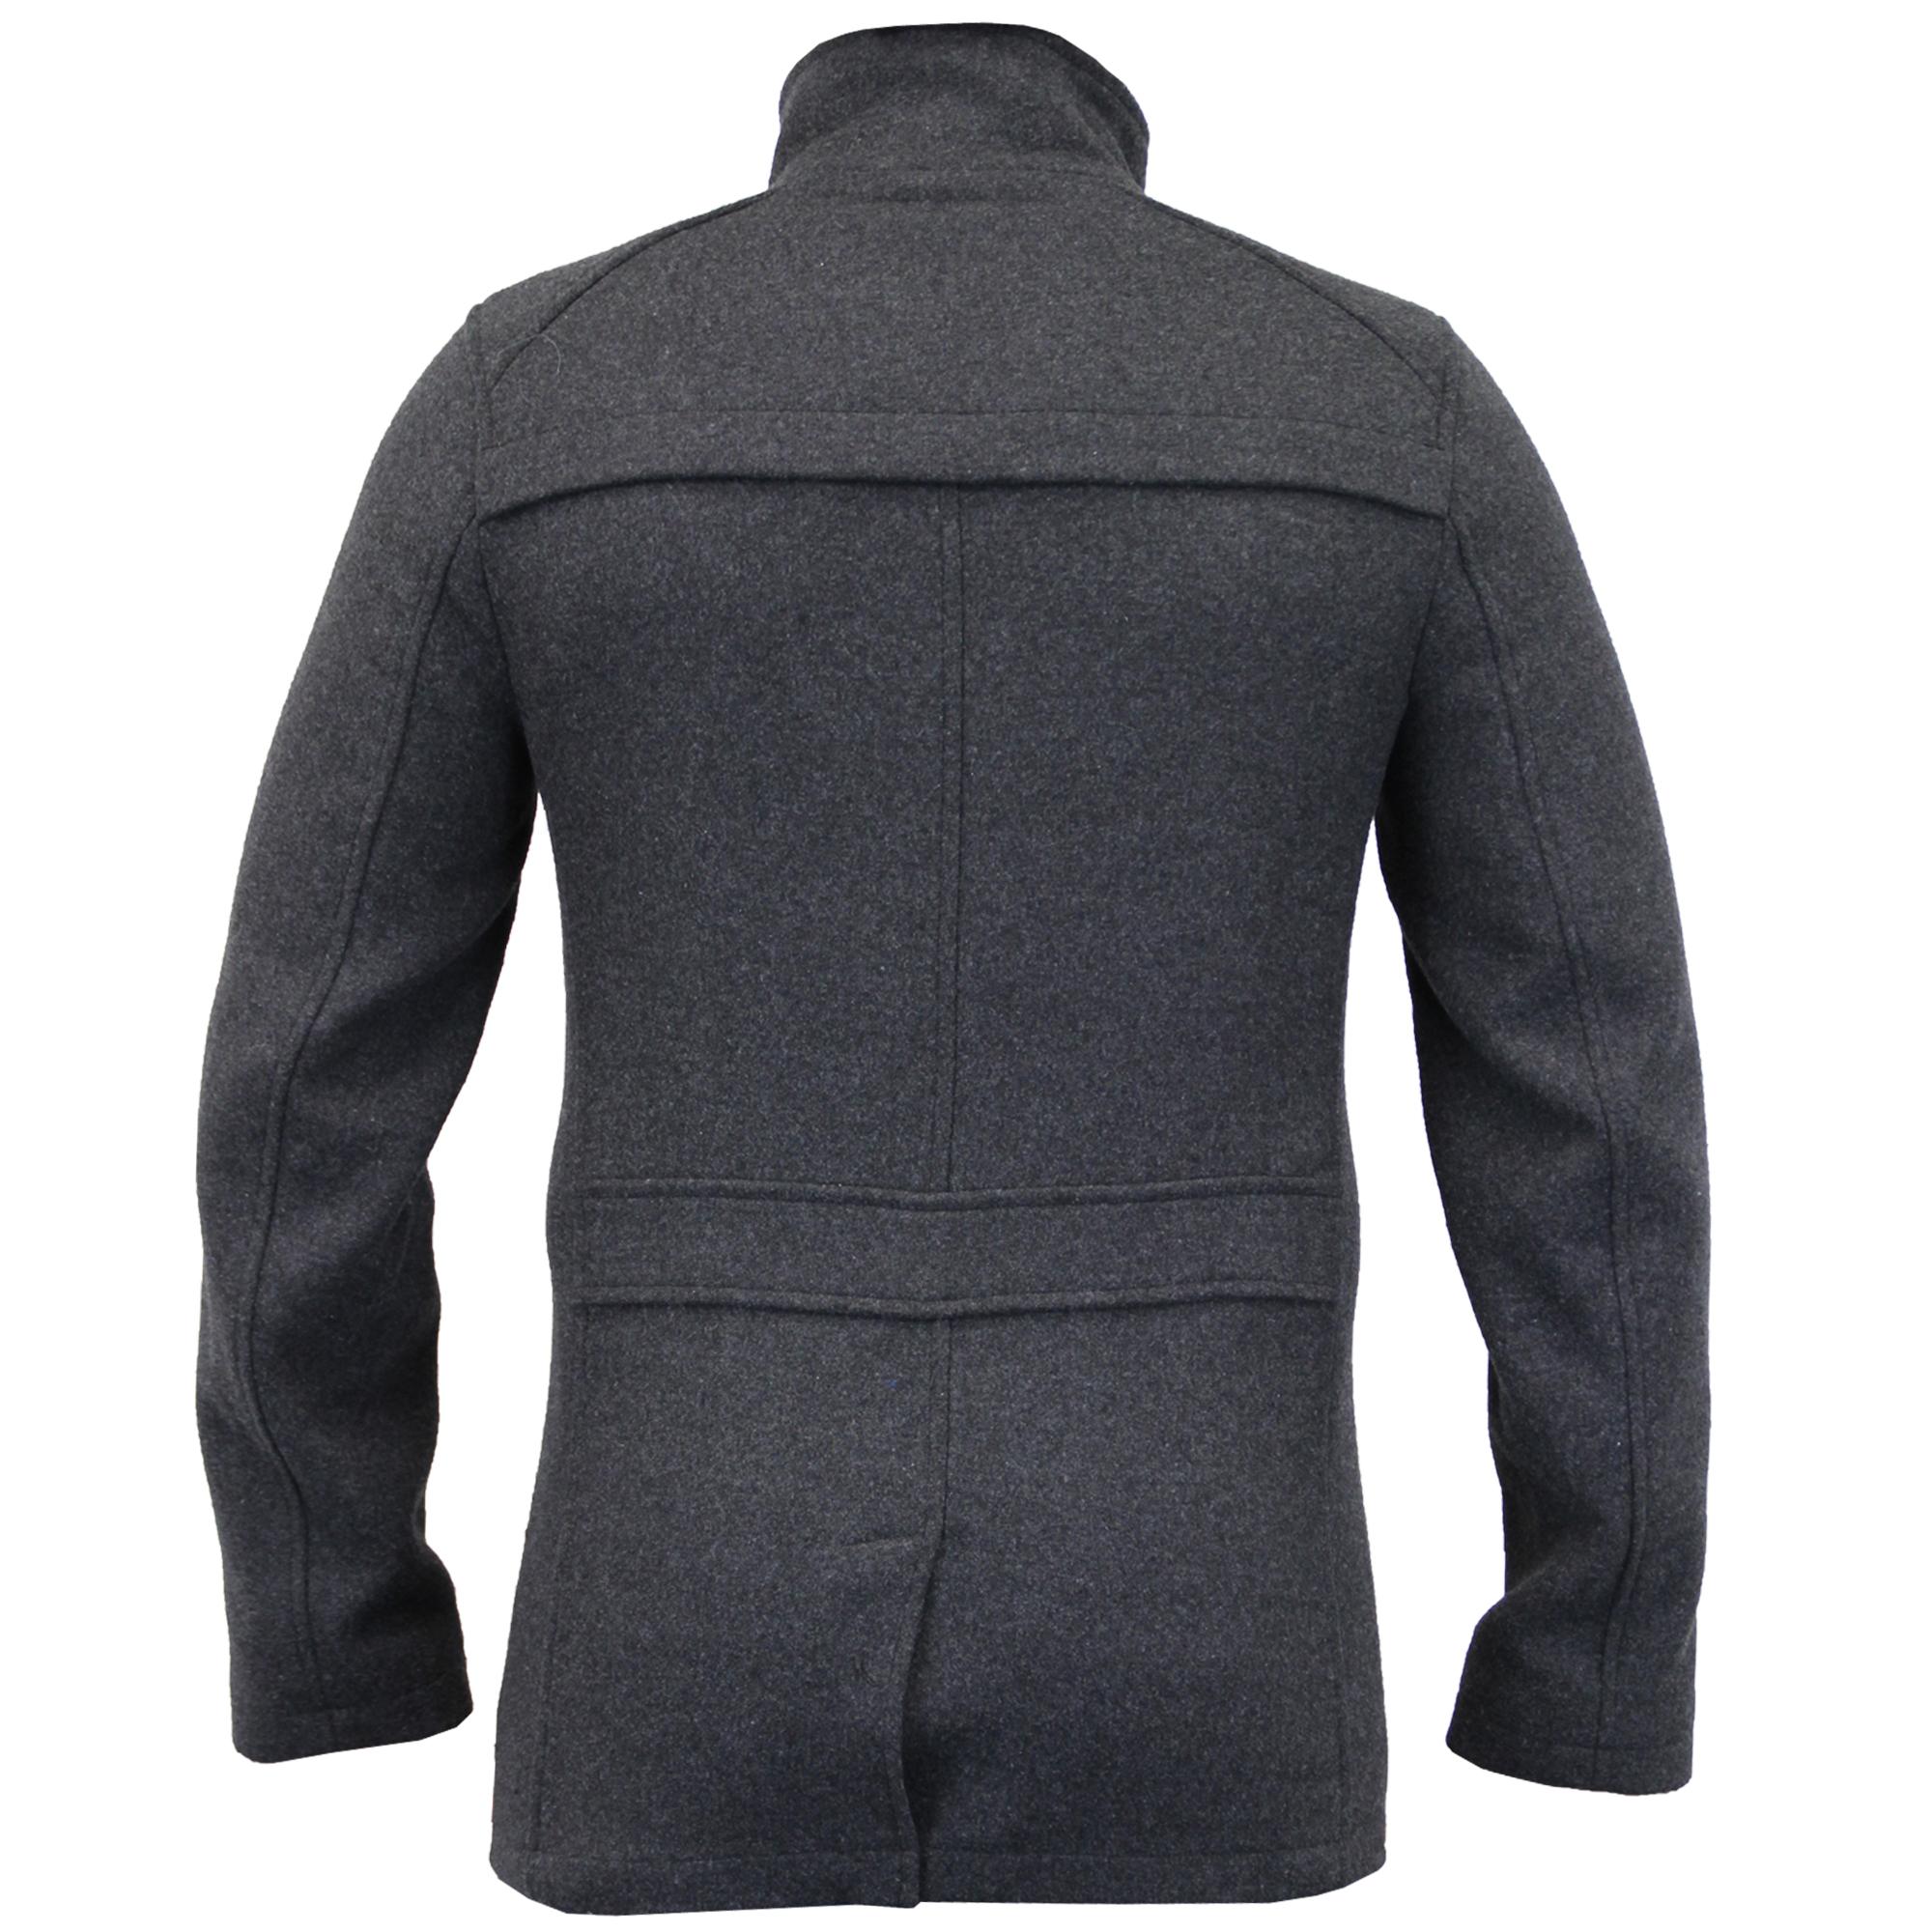 filato in imbottito petto per Cappotto in misto uomo lana Cappotto Doppio Nuovo invernale RvY0vn